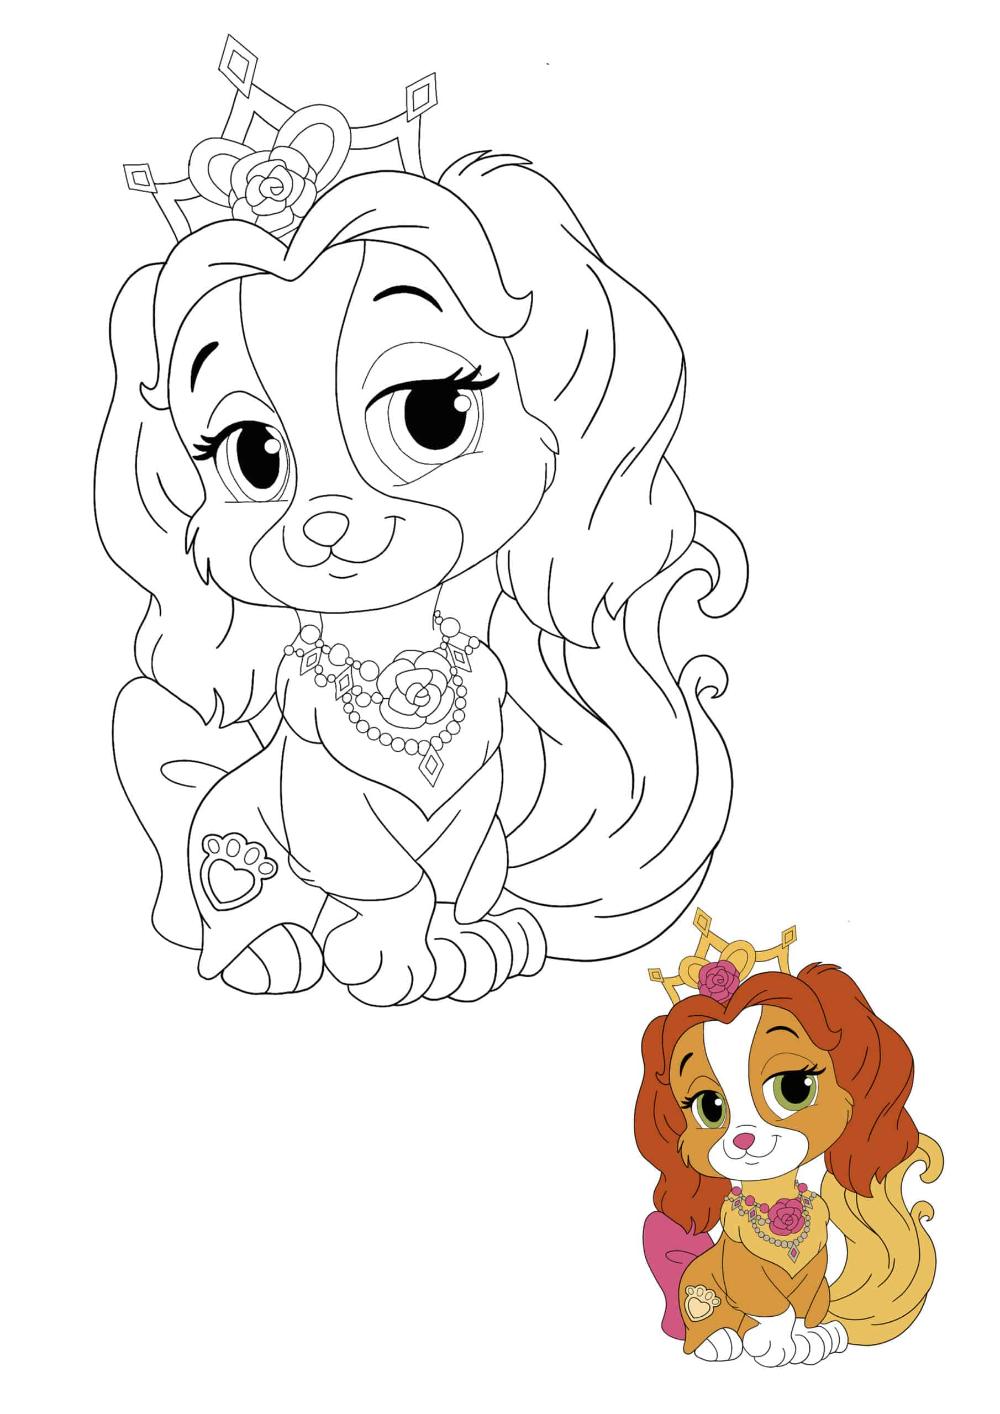 Disney Princess Palace Pets Teacup Coloring Pages 2 Free Coloring Sheets 2020 In 2020 Princess Palace Pets Princess Coloring Pages Disney Princess Palace Pets